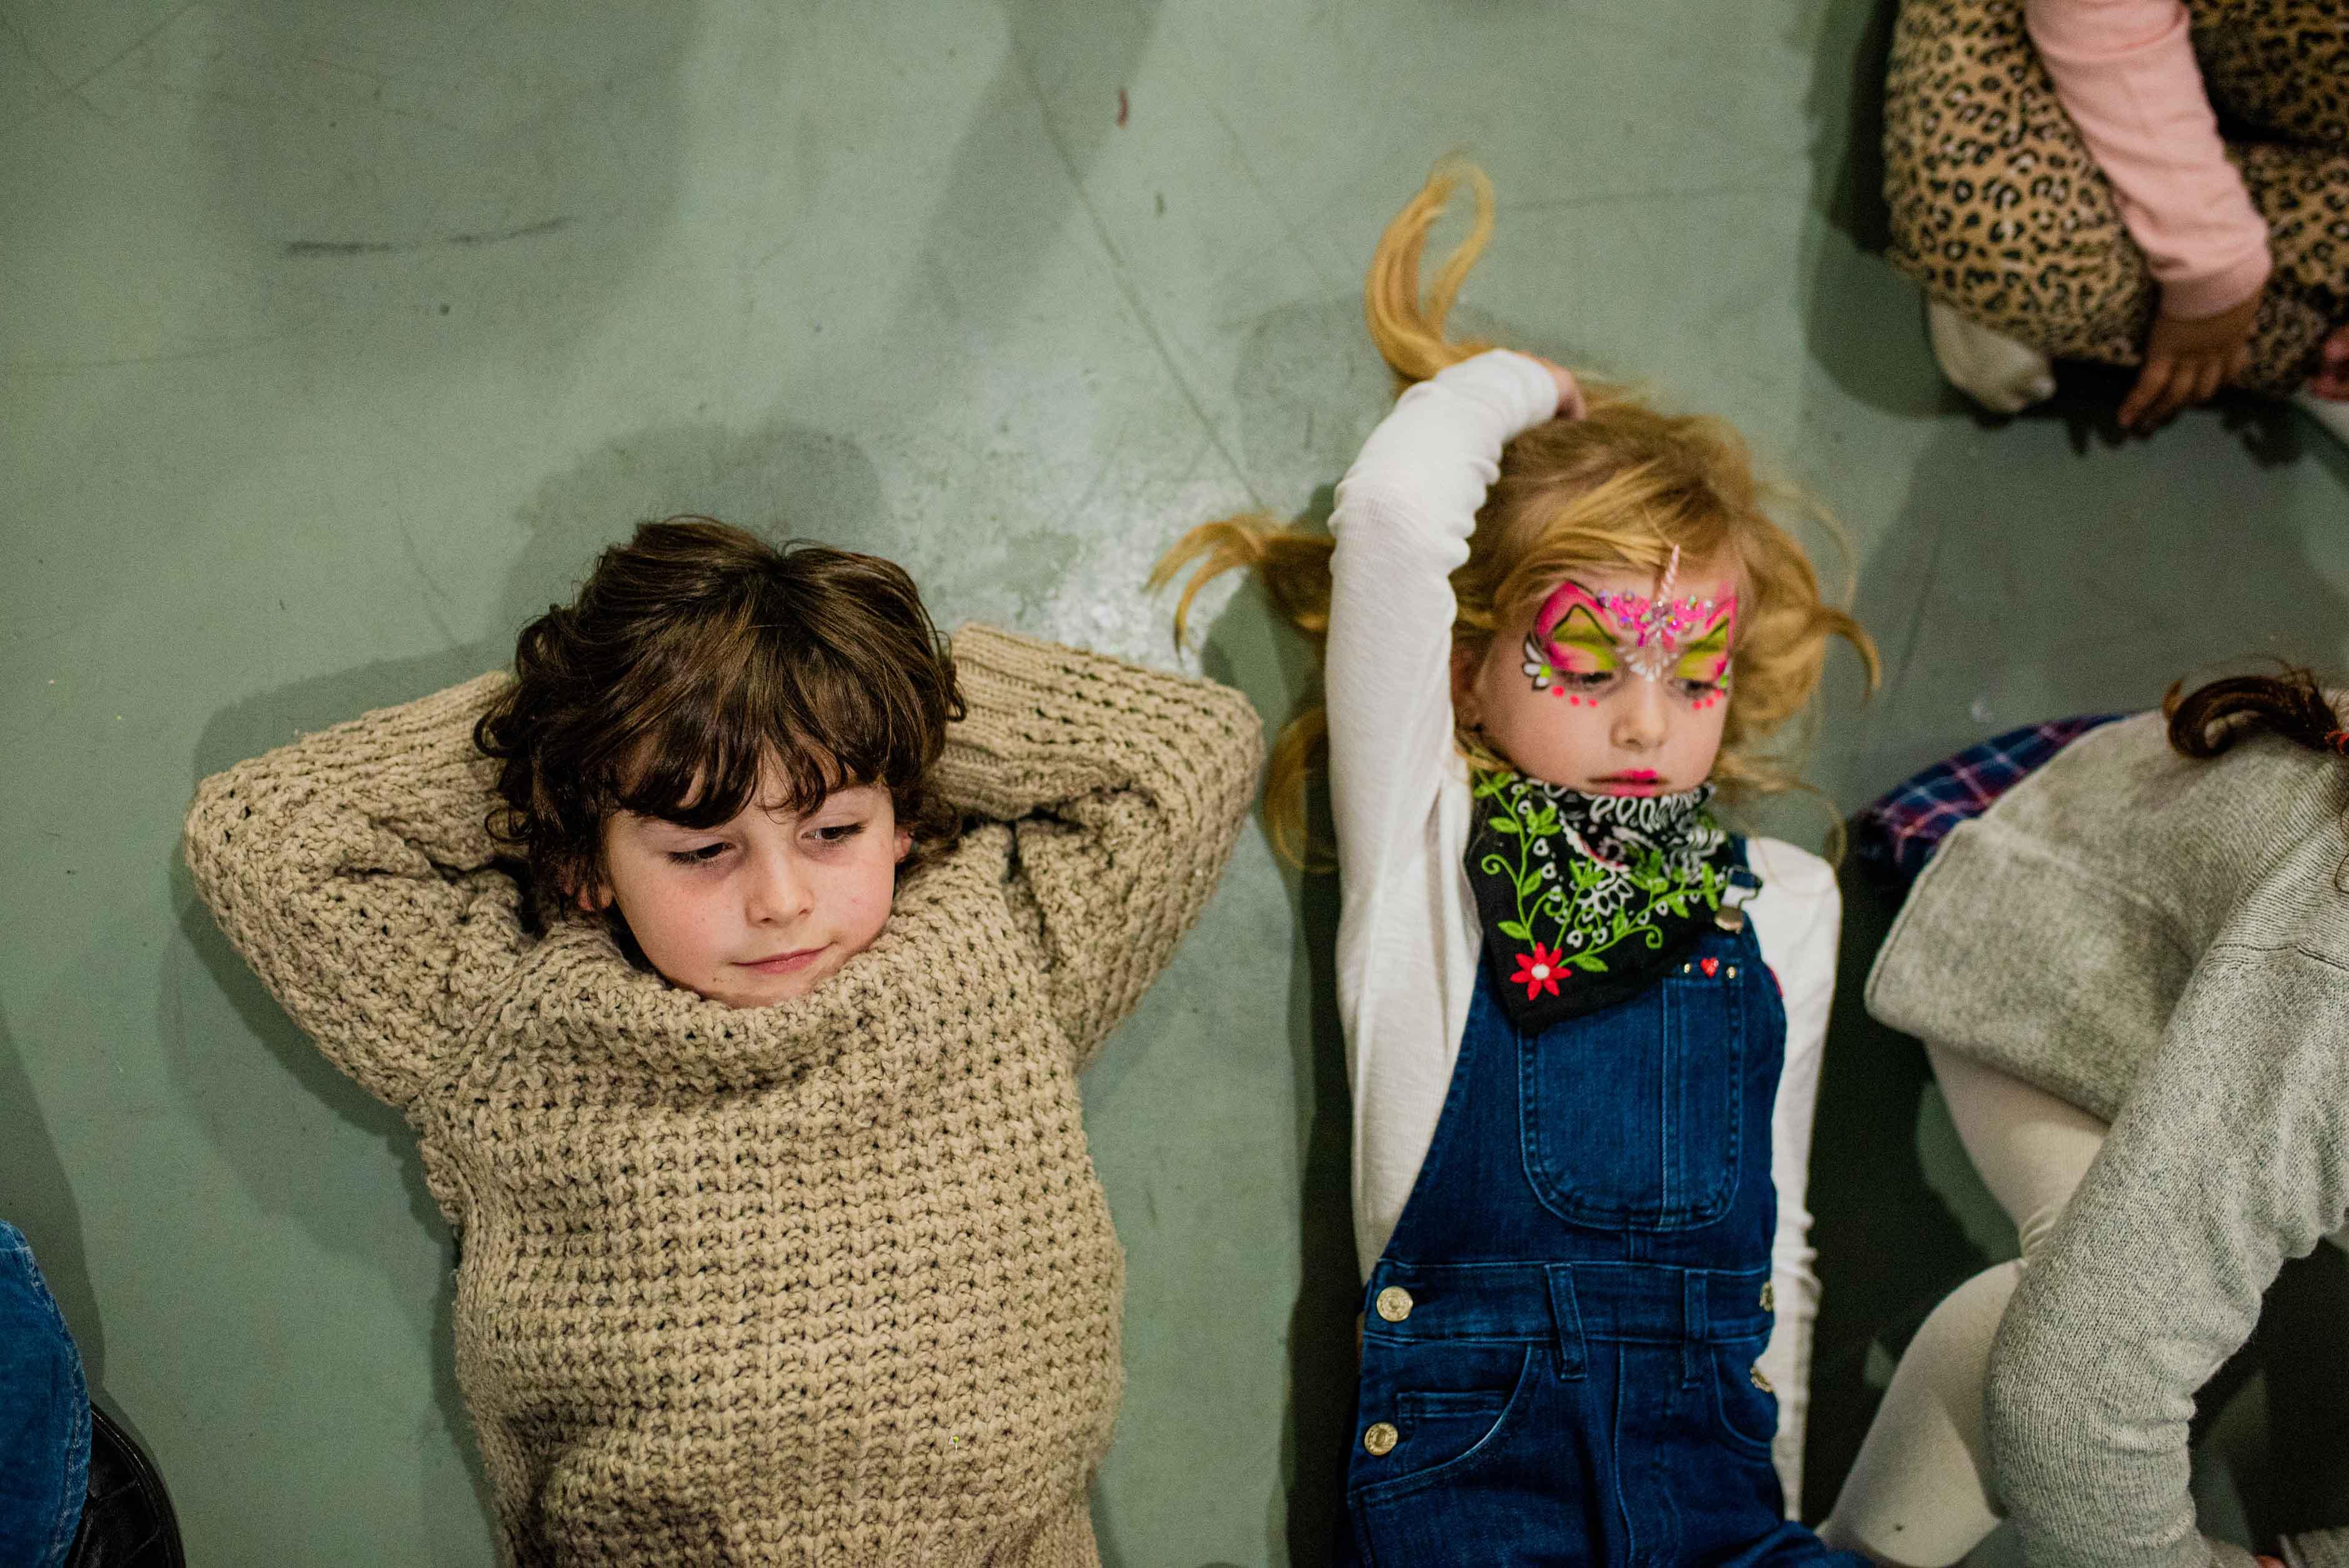 Fotos del cumple de seis de Max en Rosario realizadas por Bucle Fotografias Flor Bosio y Caro Clerici